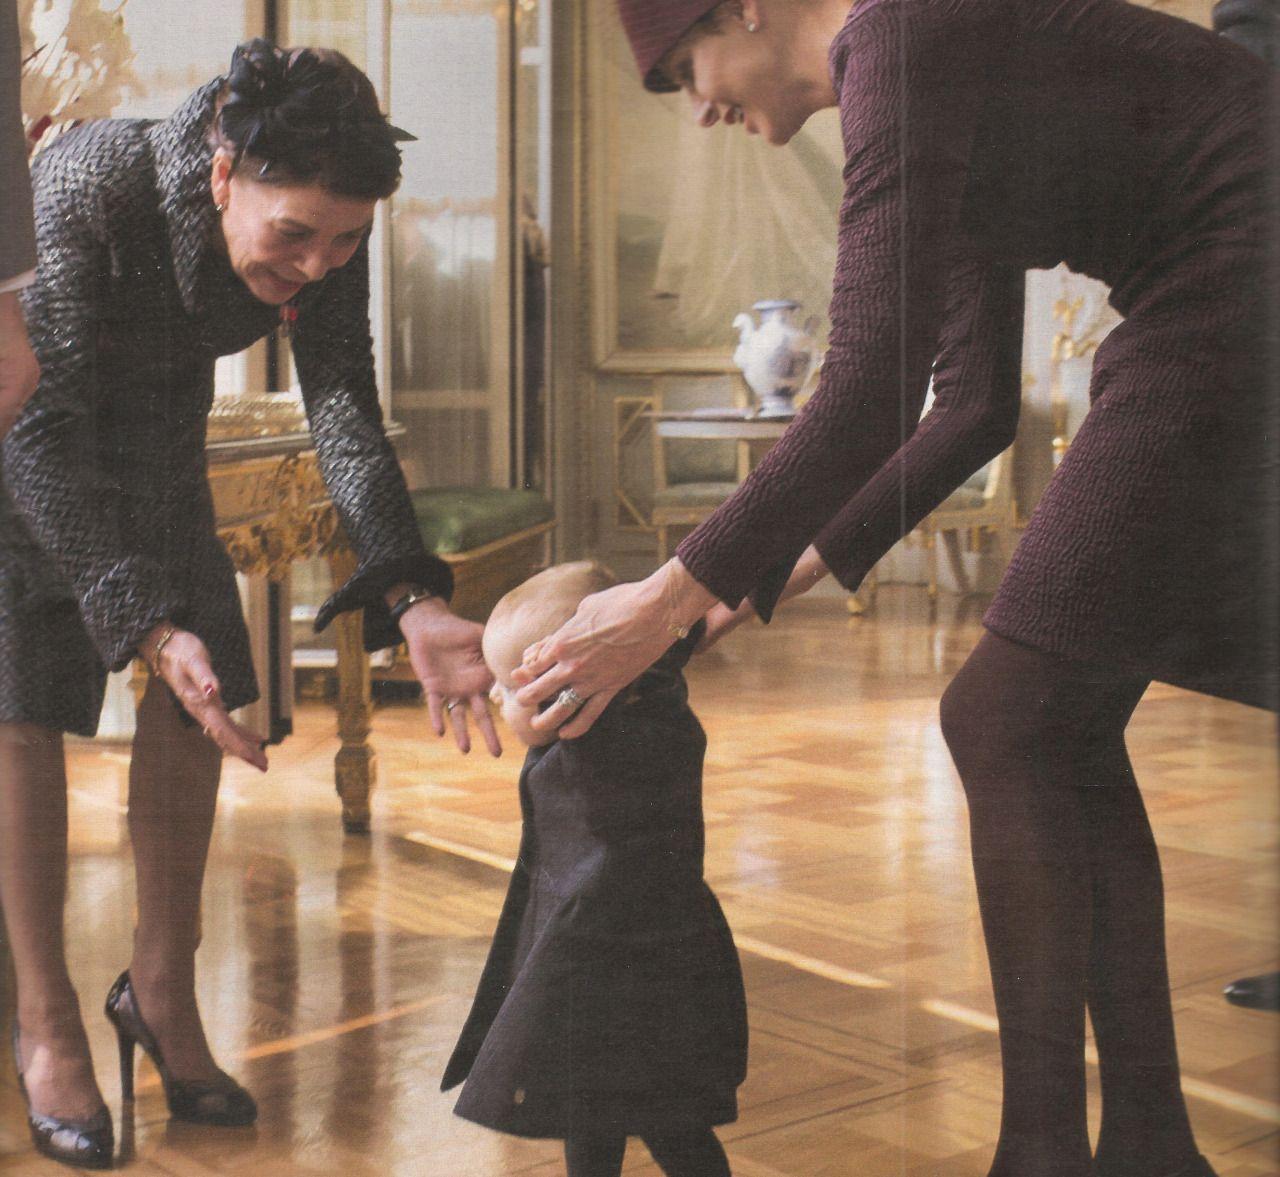 Monegasque Princely Family Monaco royal family, Princess